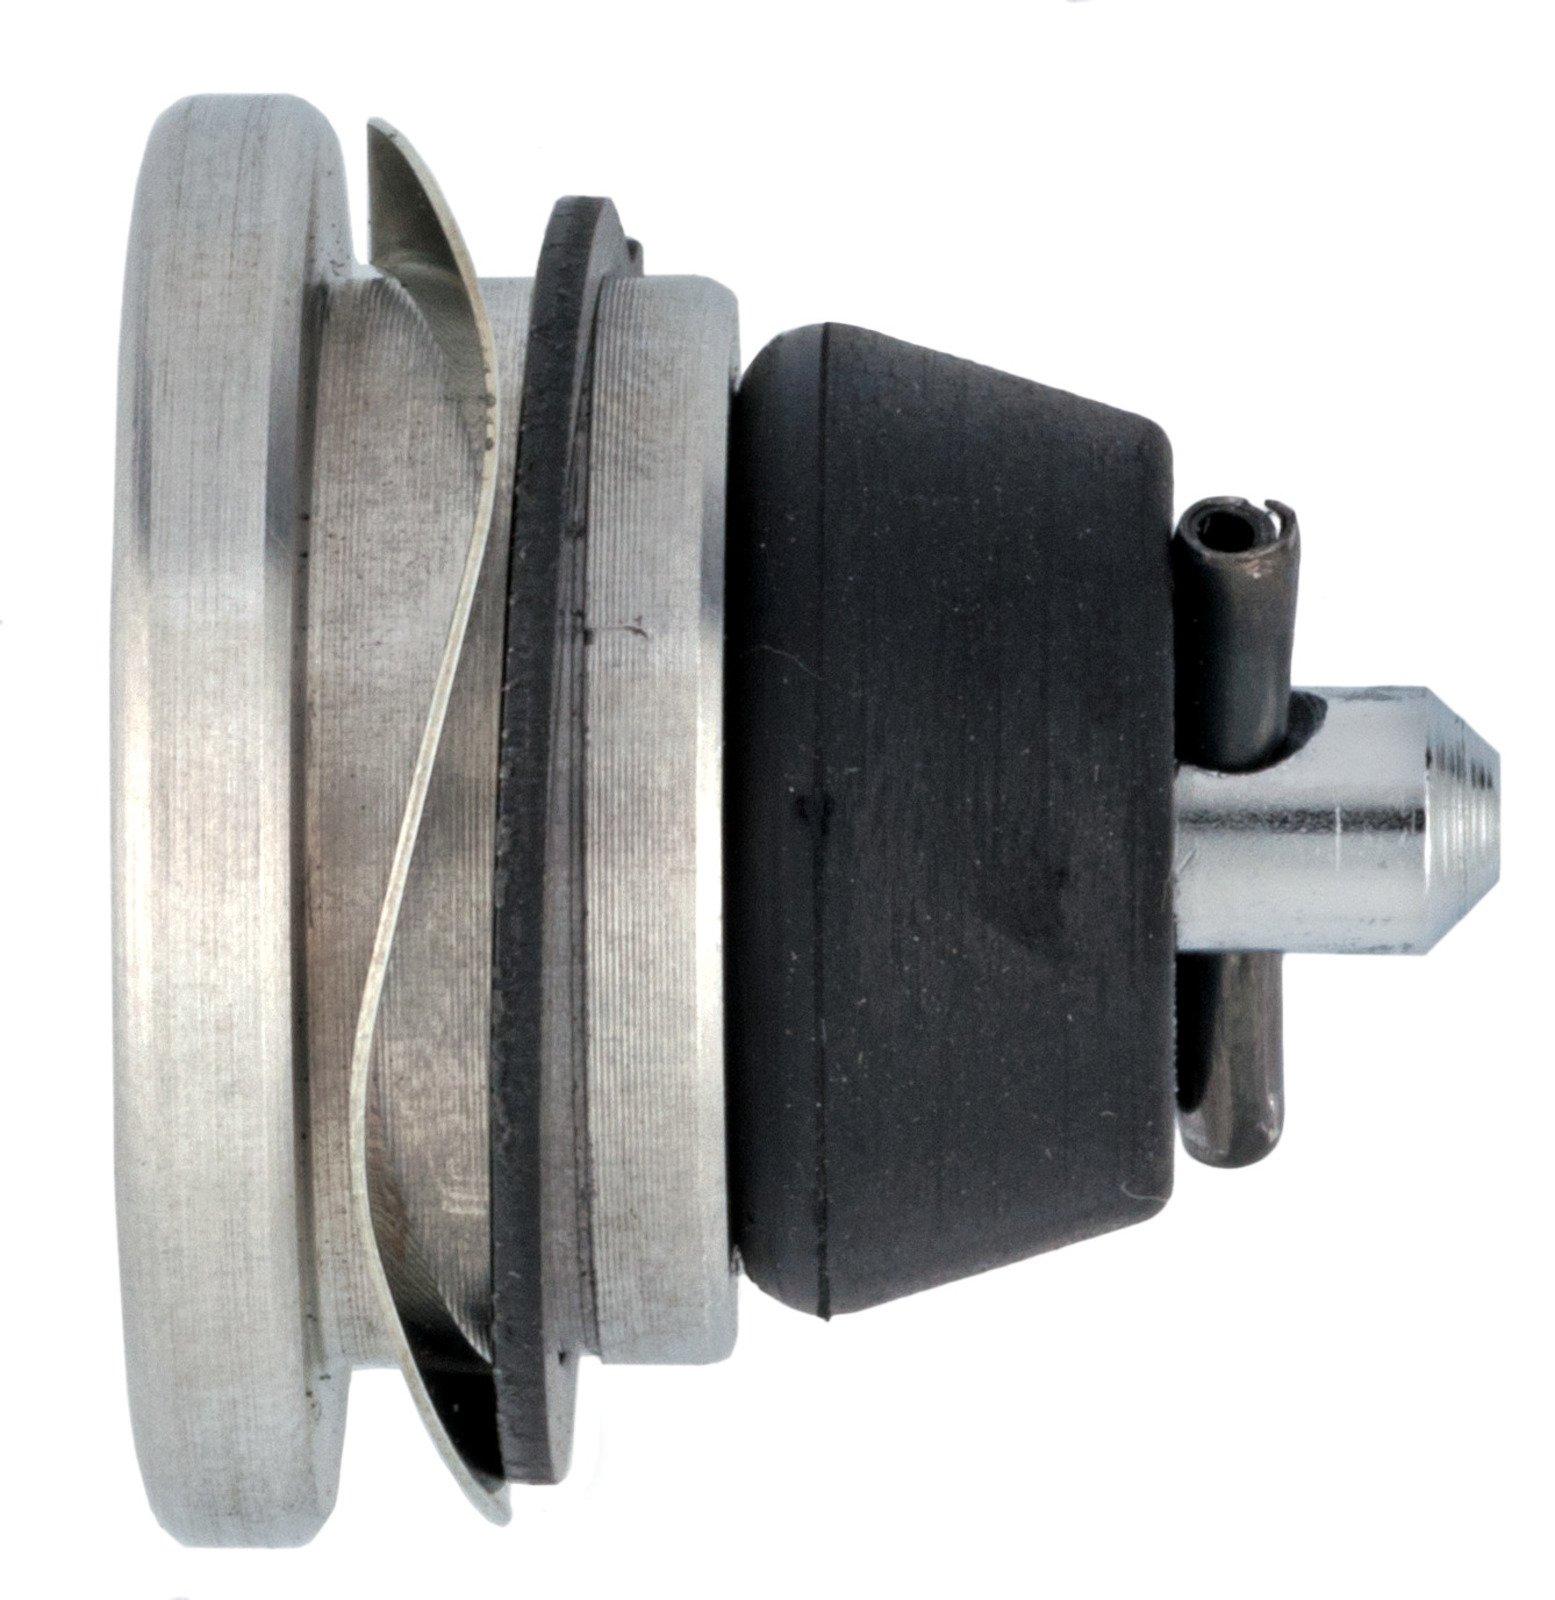 Side Cover Lock Eliminator Keyless Lock for Left Side Cover For Yamaha XT500 1-053